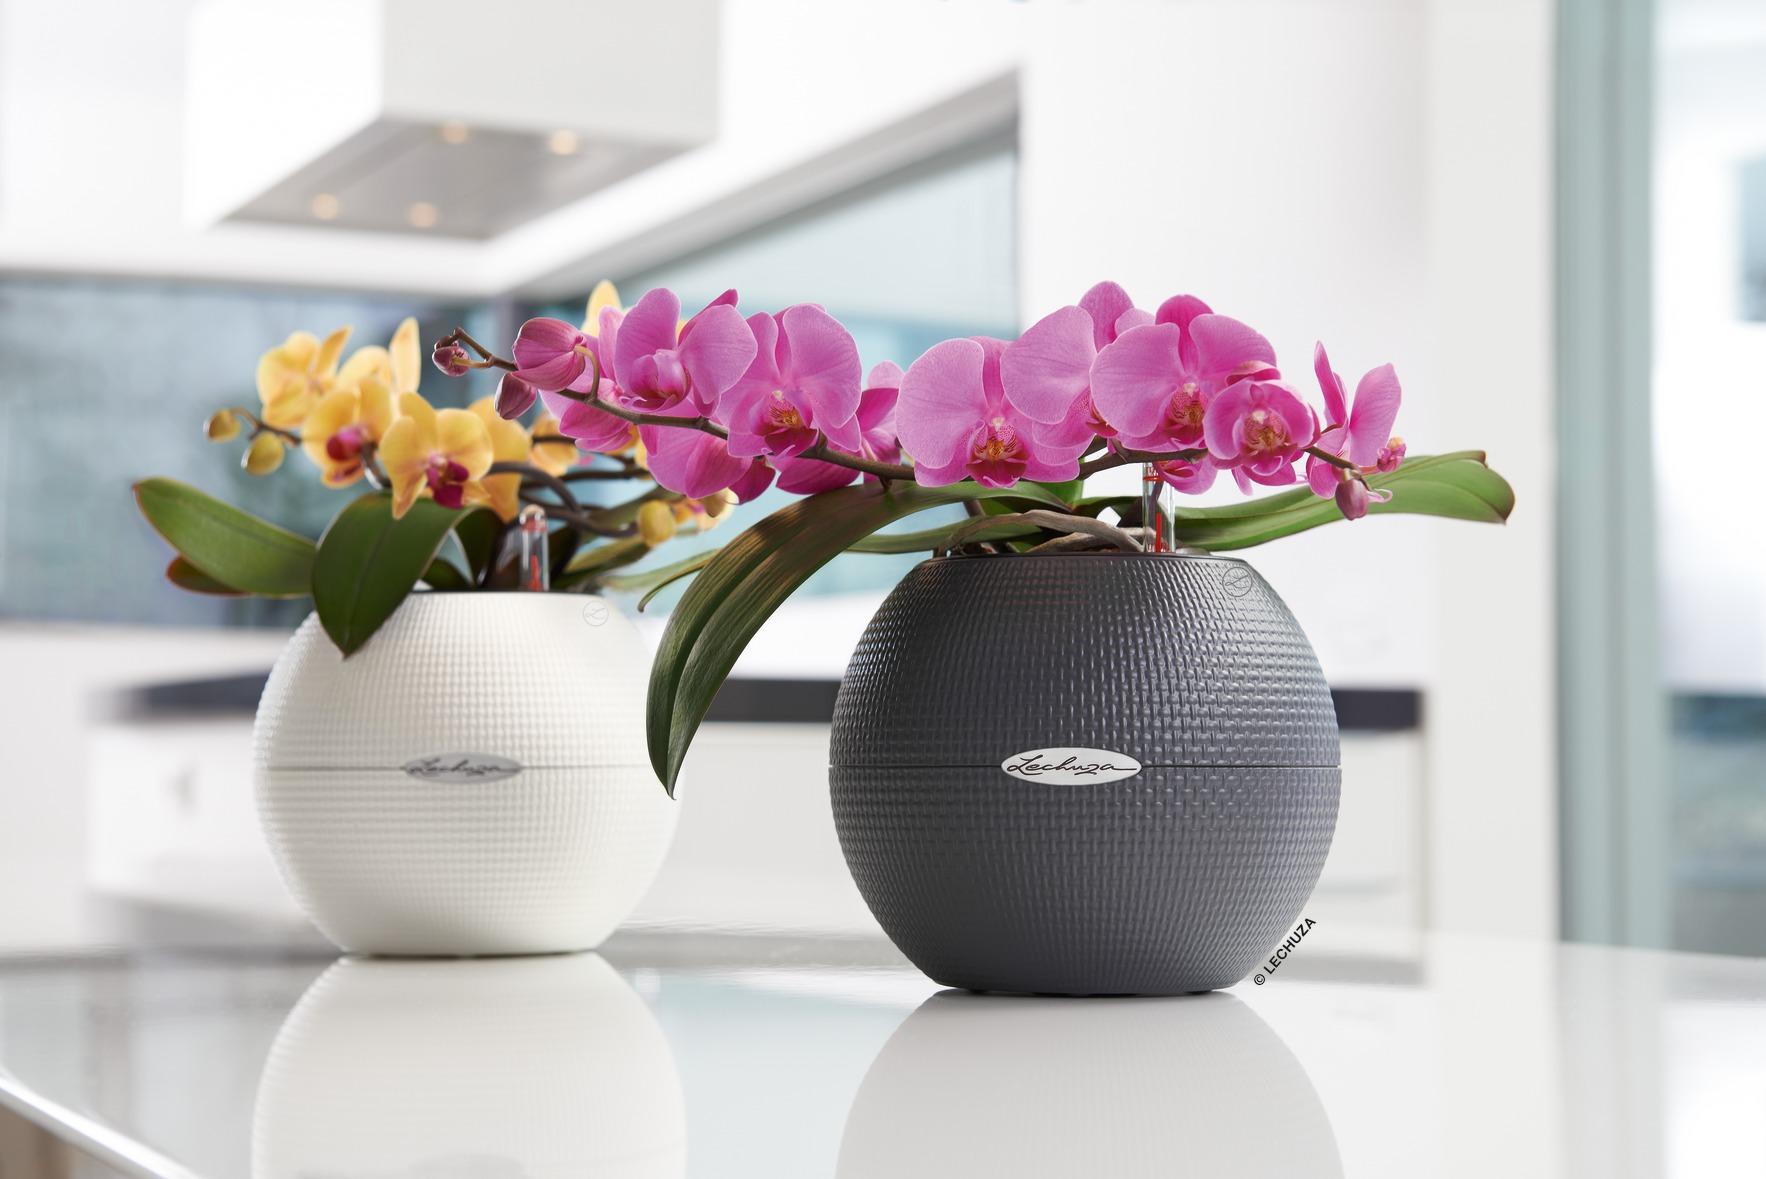 Rostliny zlepšující vzduch v místnostech